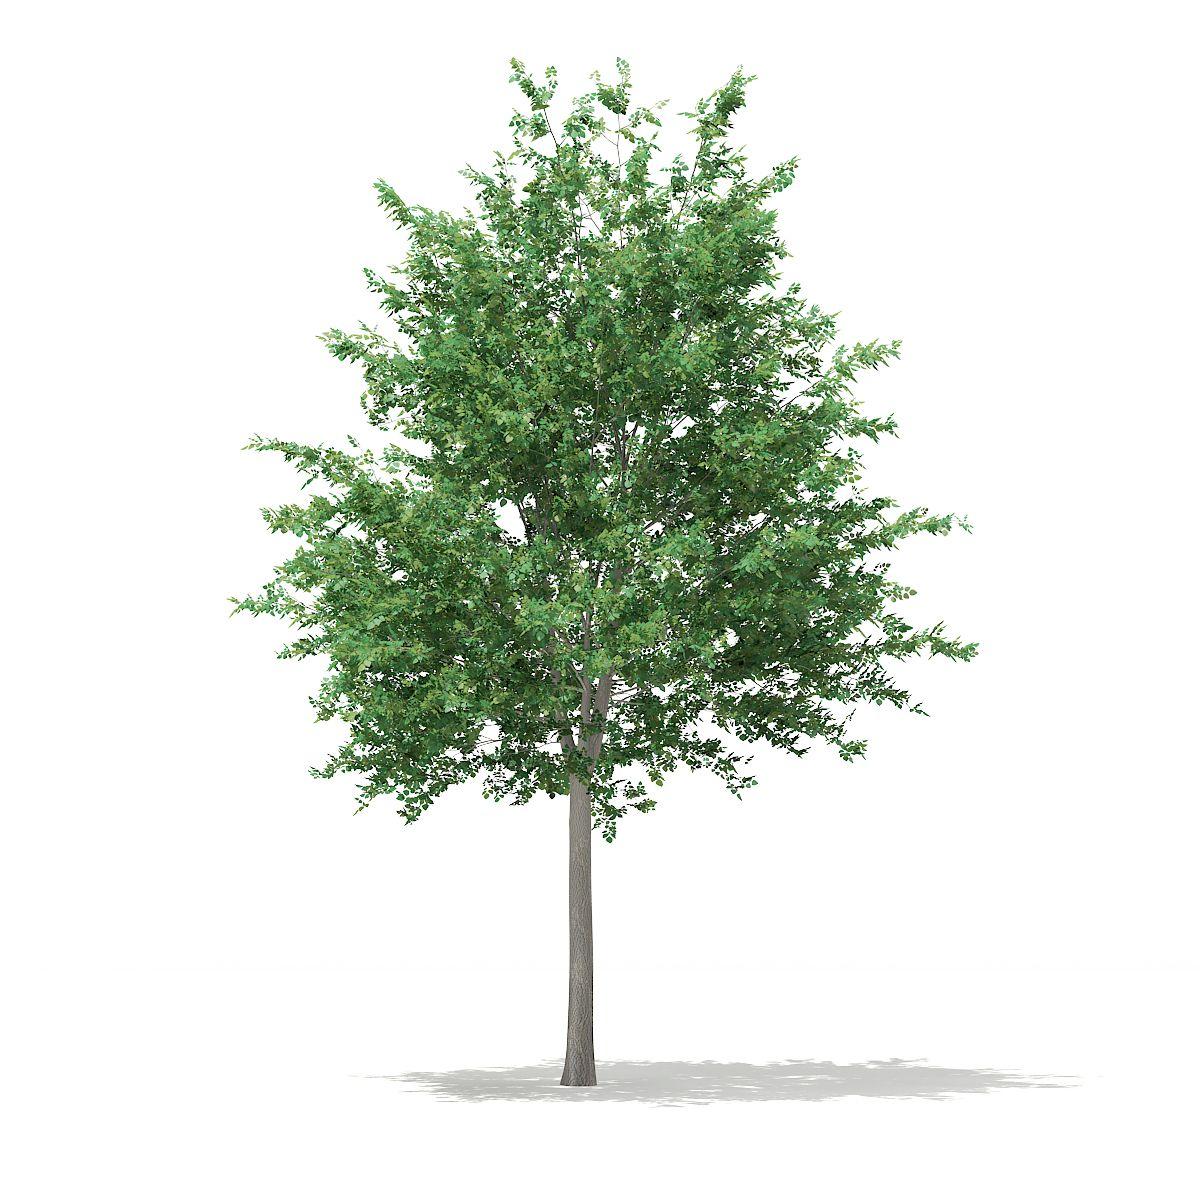 Bigtooth Aspen Populus Grandidentata 10 3m Aspen Bigtooth Populus Grandidentata Aspen Trees Aspen 3d Model